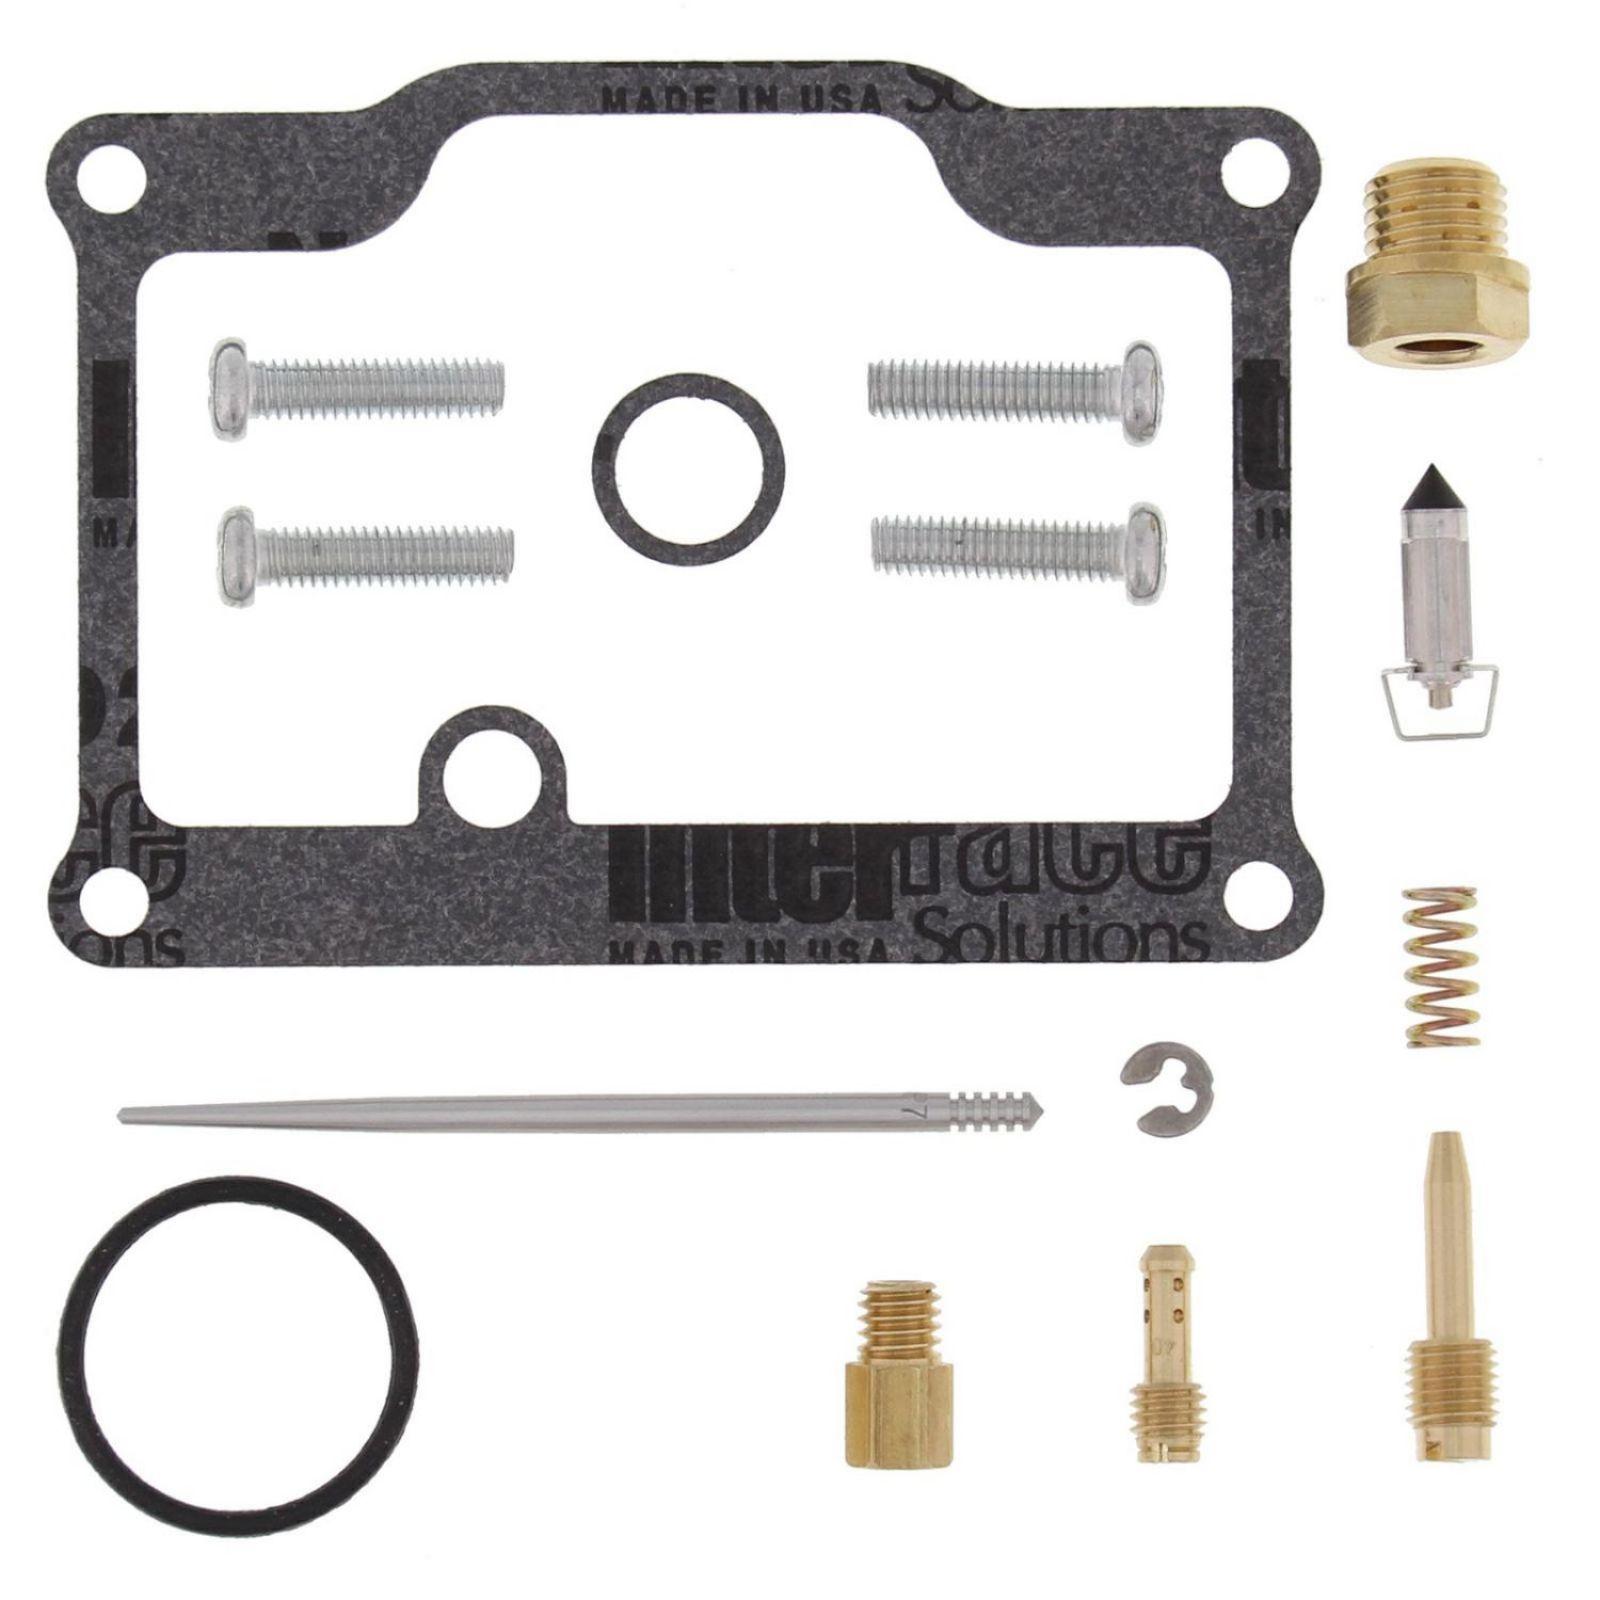 WRP Carb Repair Kits - WRP261033 image